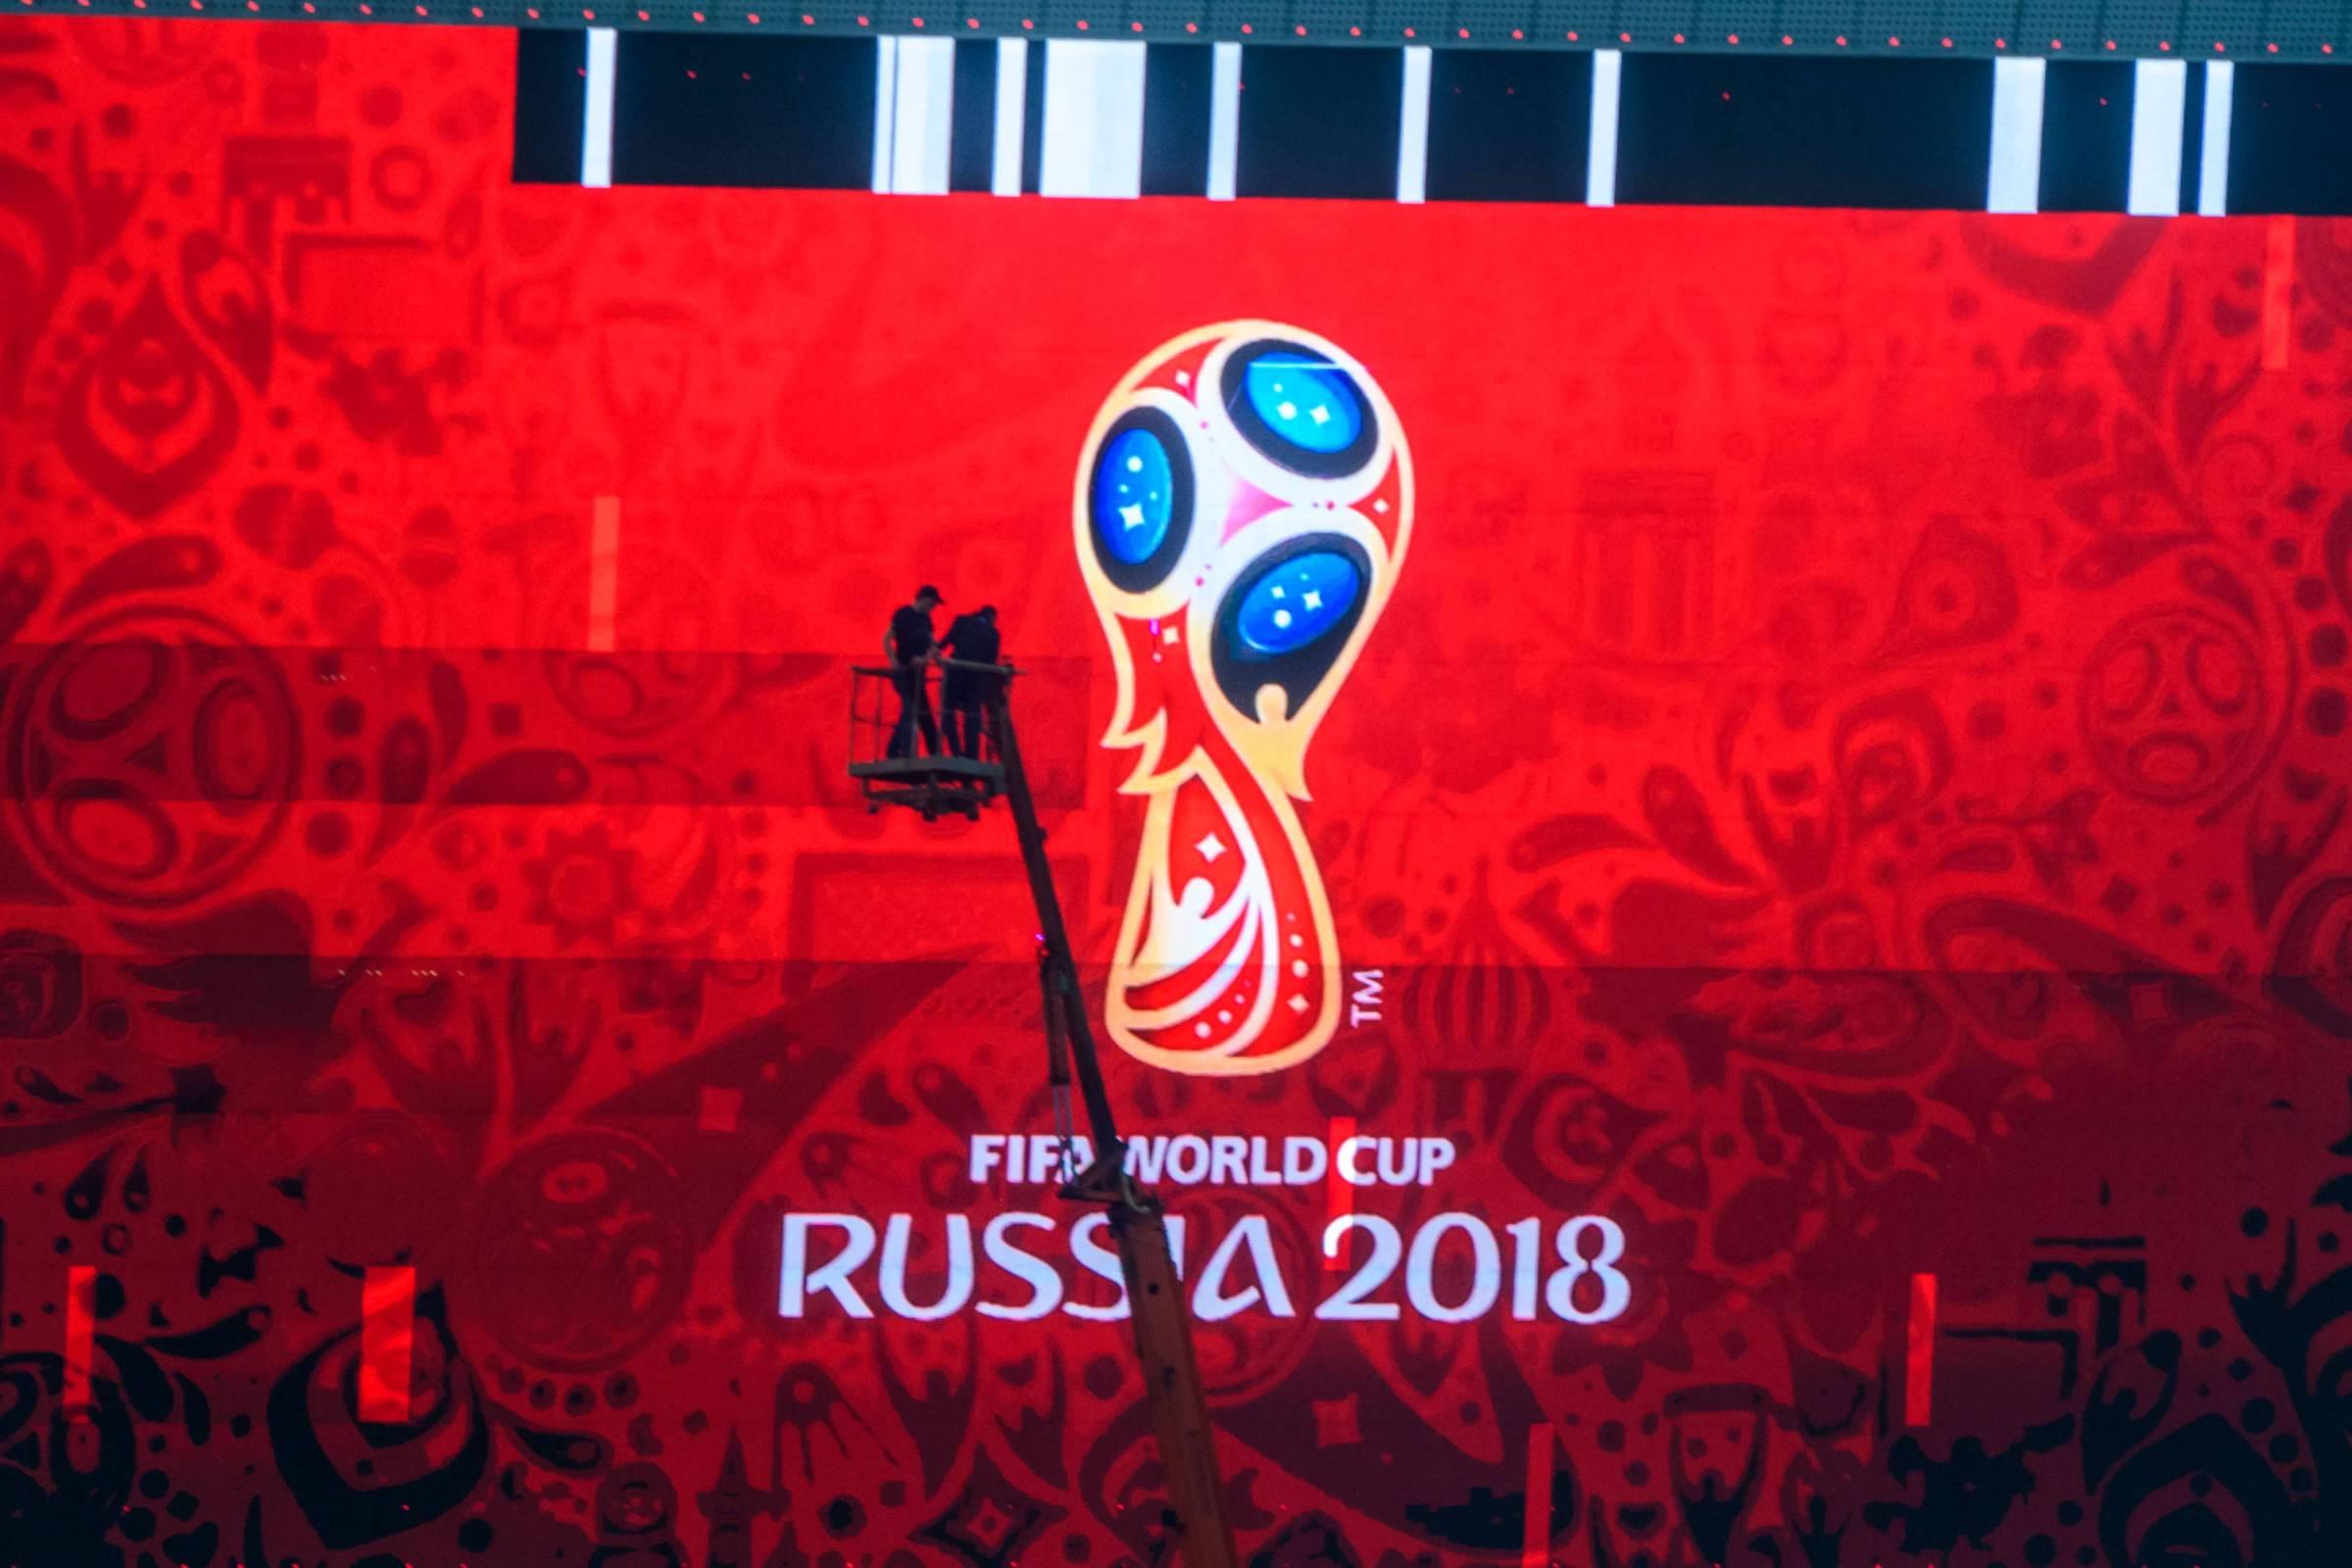 856f5ec7a Veja a lista de convocados das seleções para a Copa do Mundo da Rússia -  14 05 2018 - Esporte - Folha